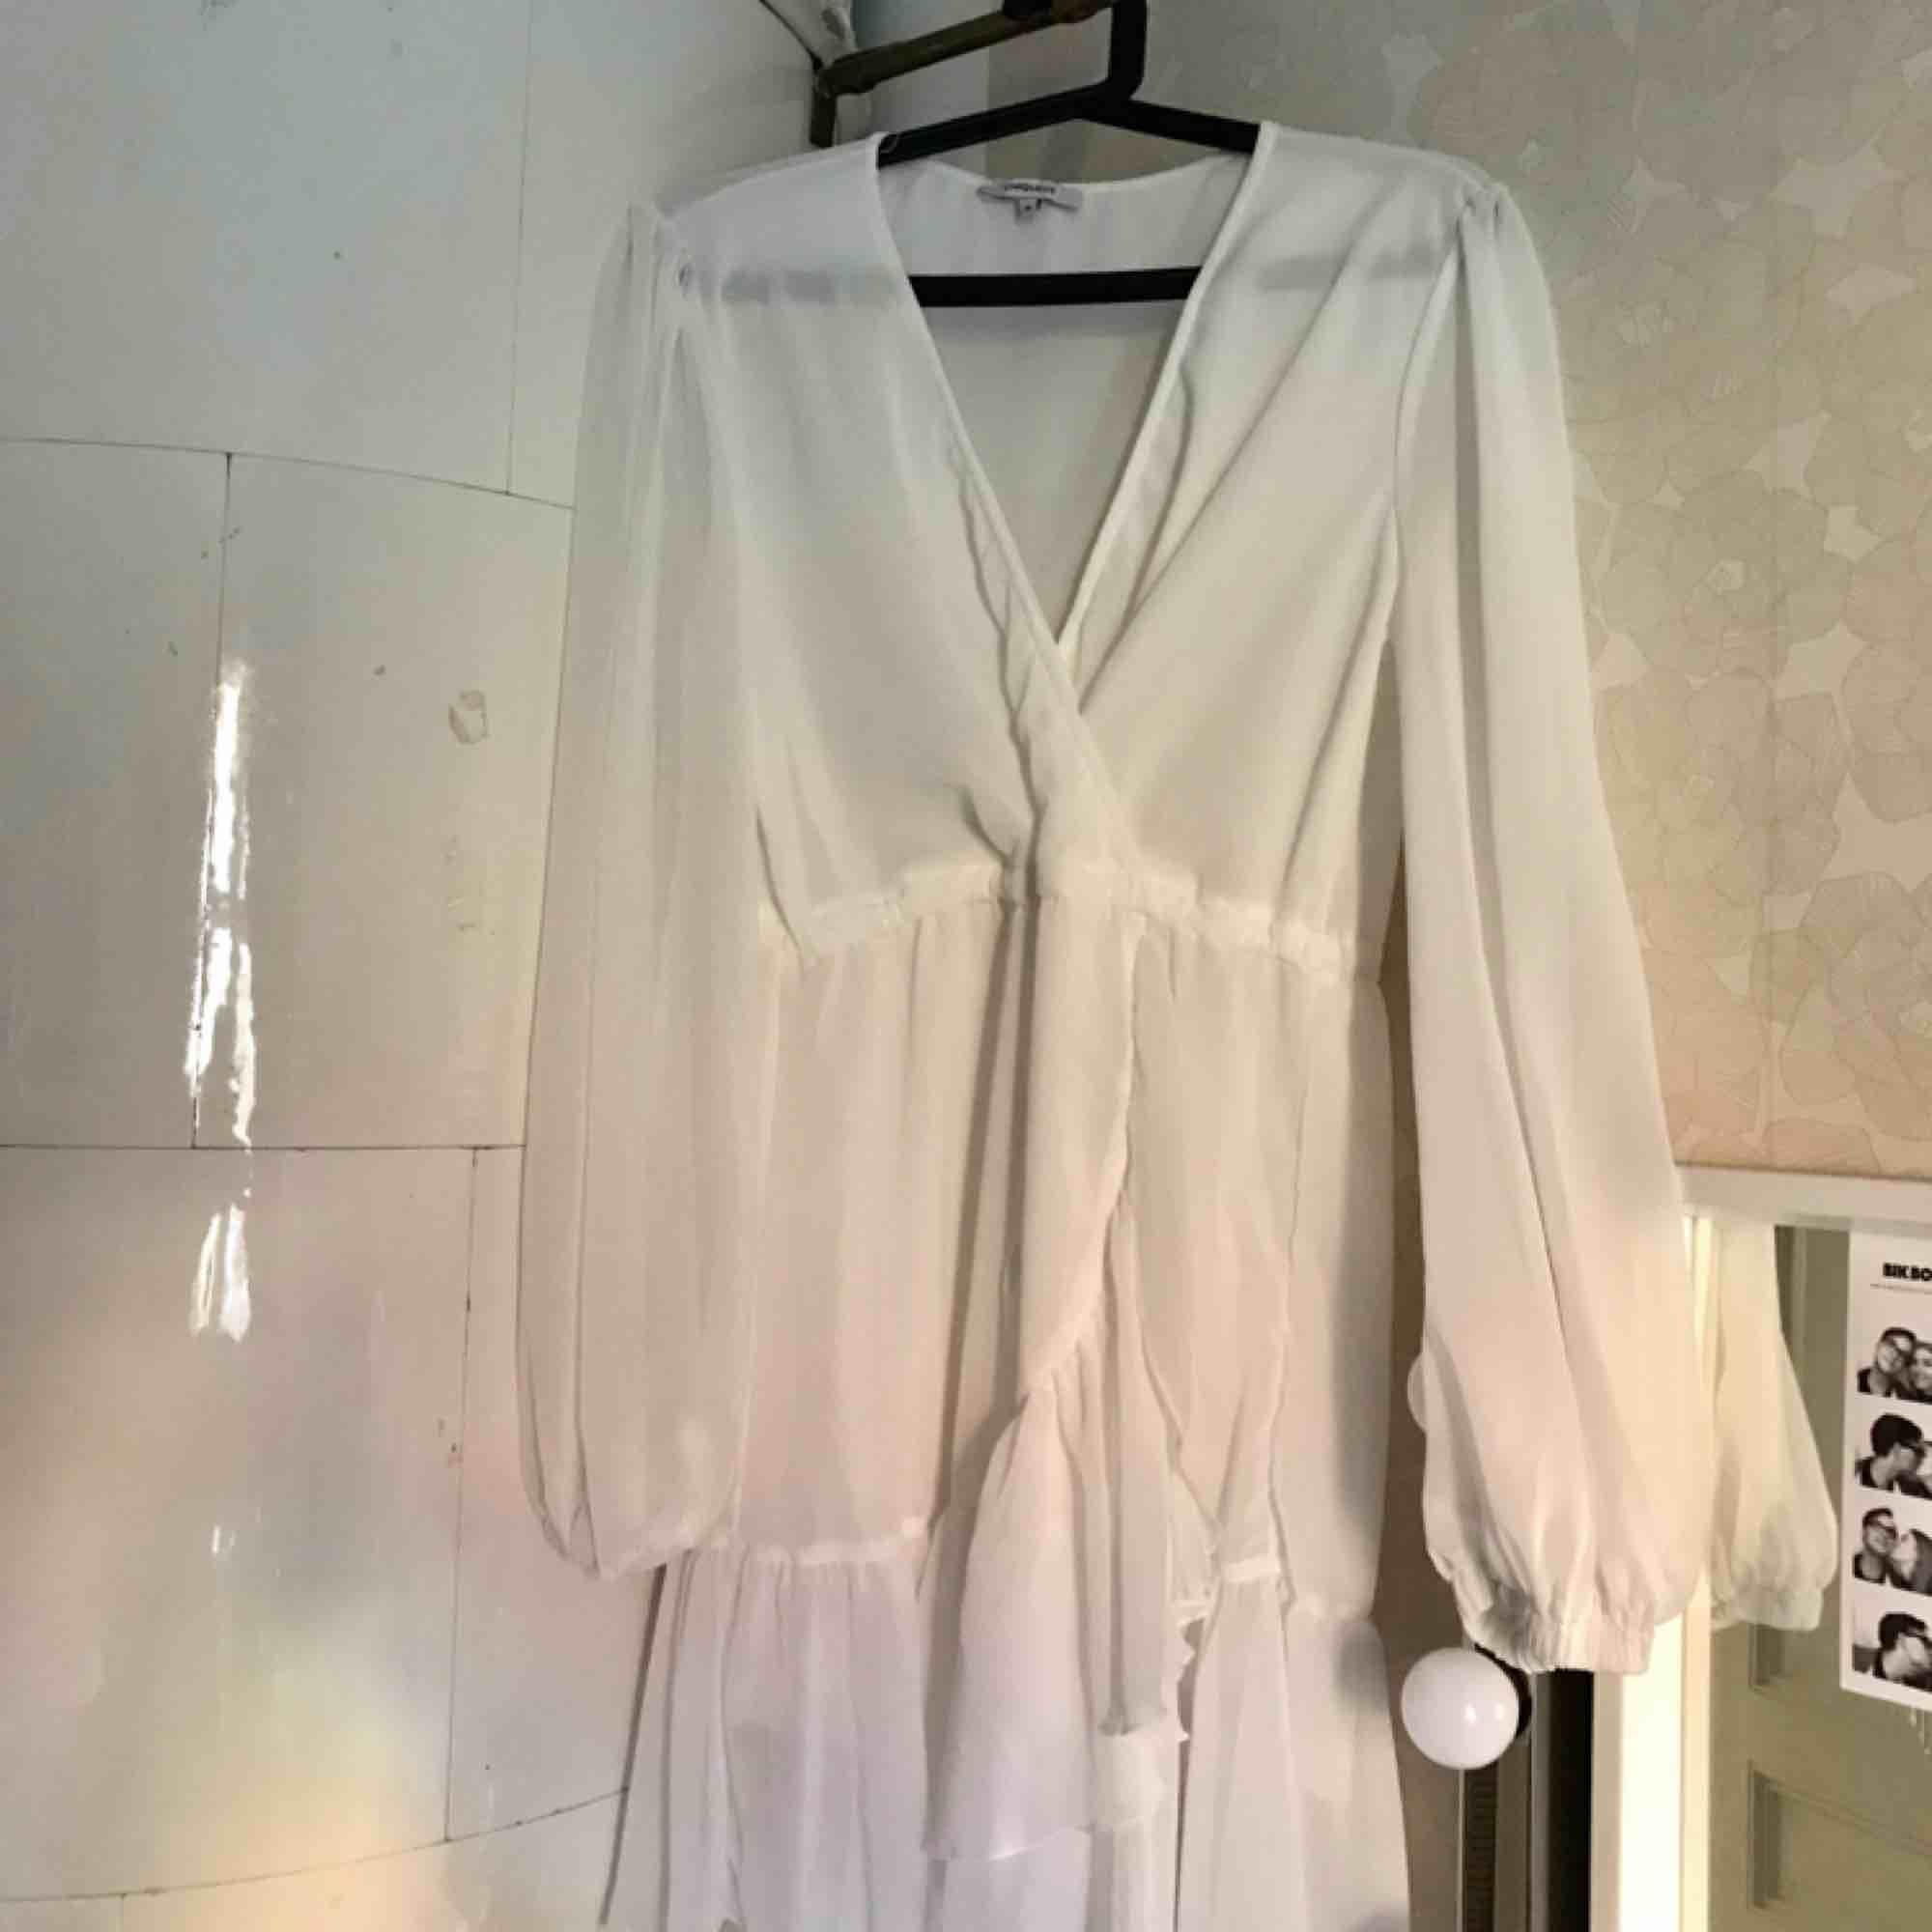 Säljer min jättefina, oanvända vita klänning från Chiquelle! Den passar perfekt till skolavslutning/student eller midsommar 💕 Den har ett genomskinligt tyg och ett snöre runt midjan. Klänningar.